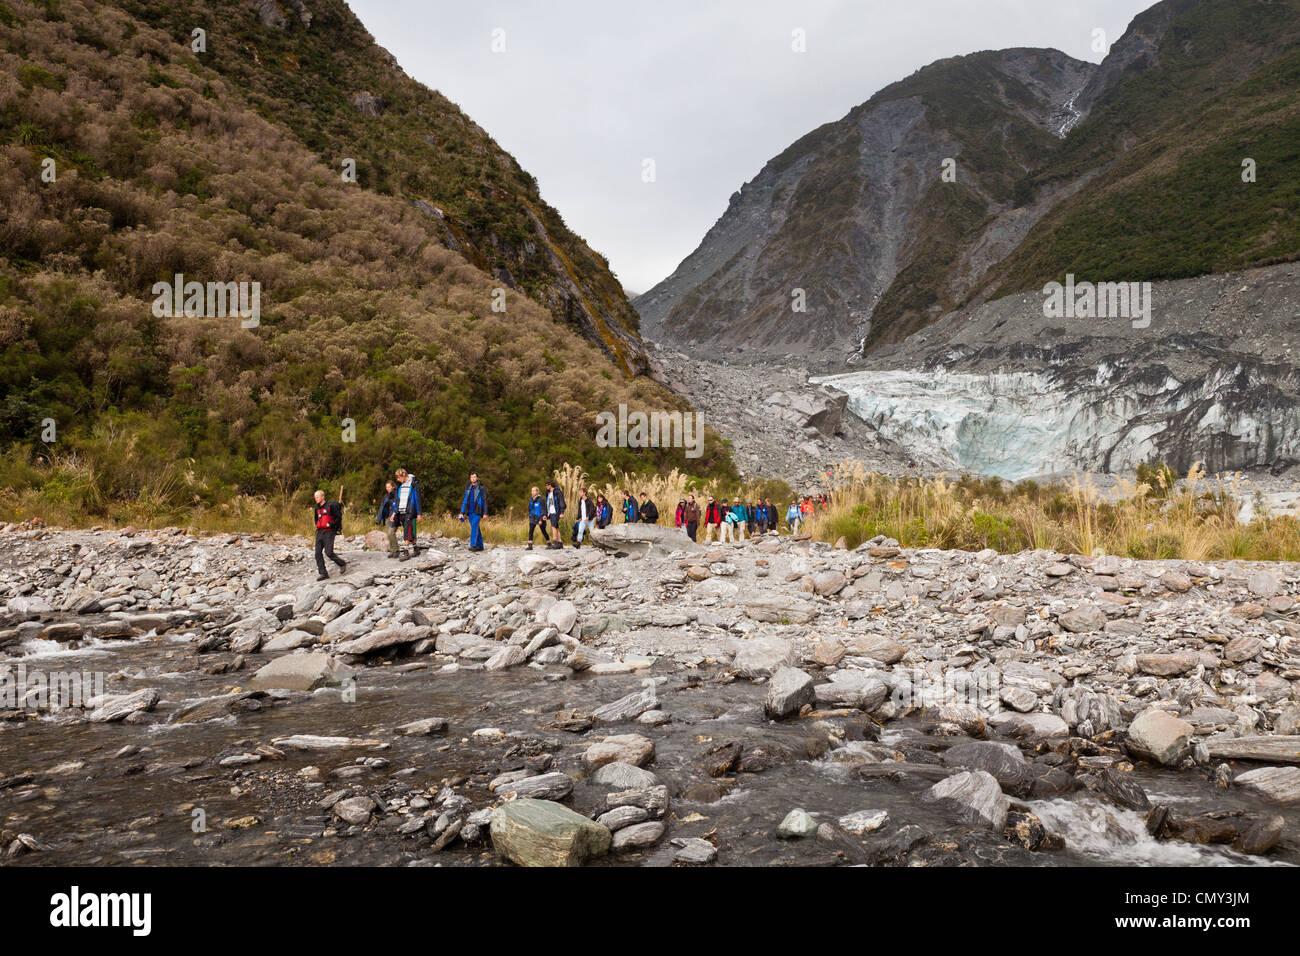 Visite groupe de touristes quitter le terminal de Fox Glacier, West Coast, en Nouvelle-Zélande. Banque D'Images